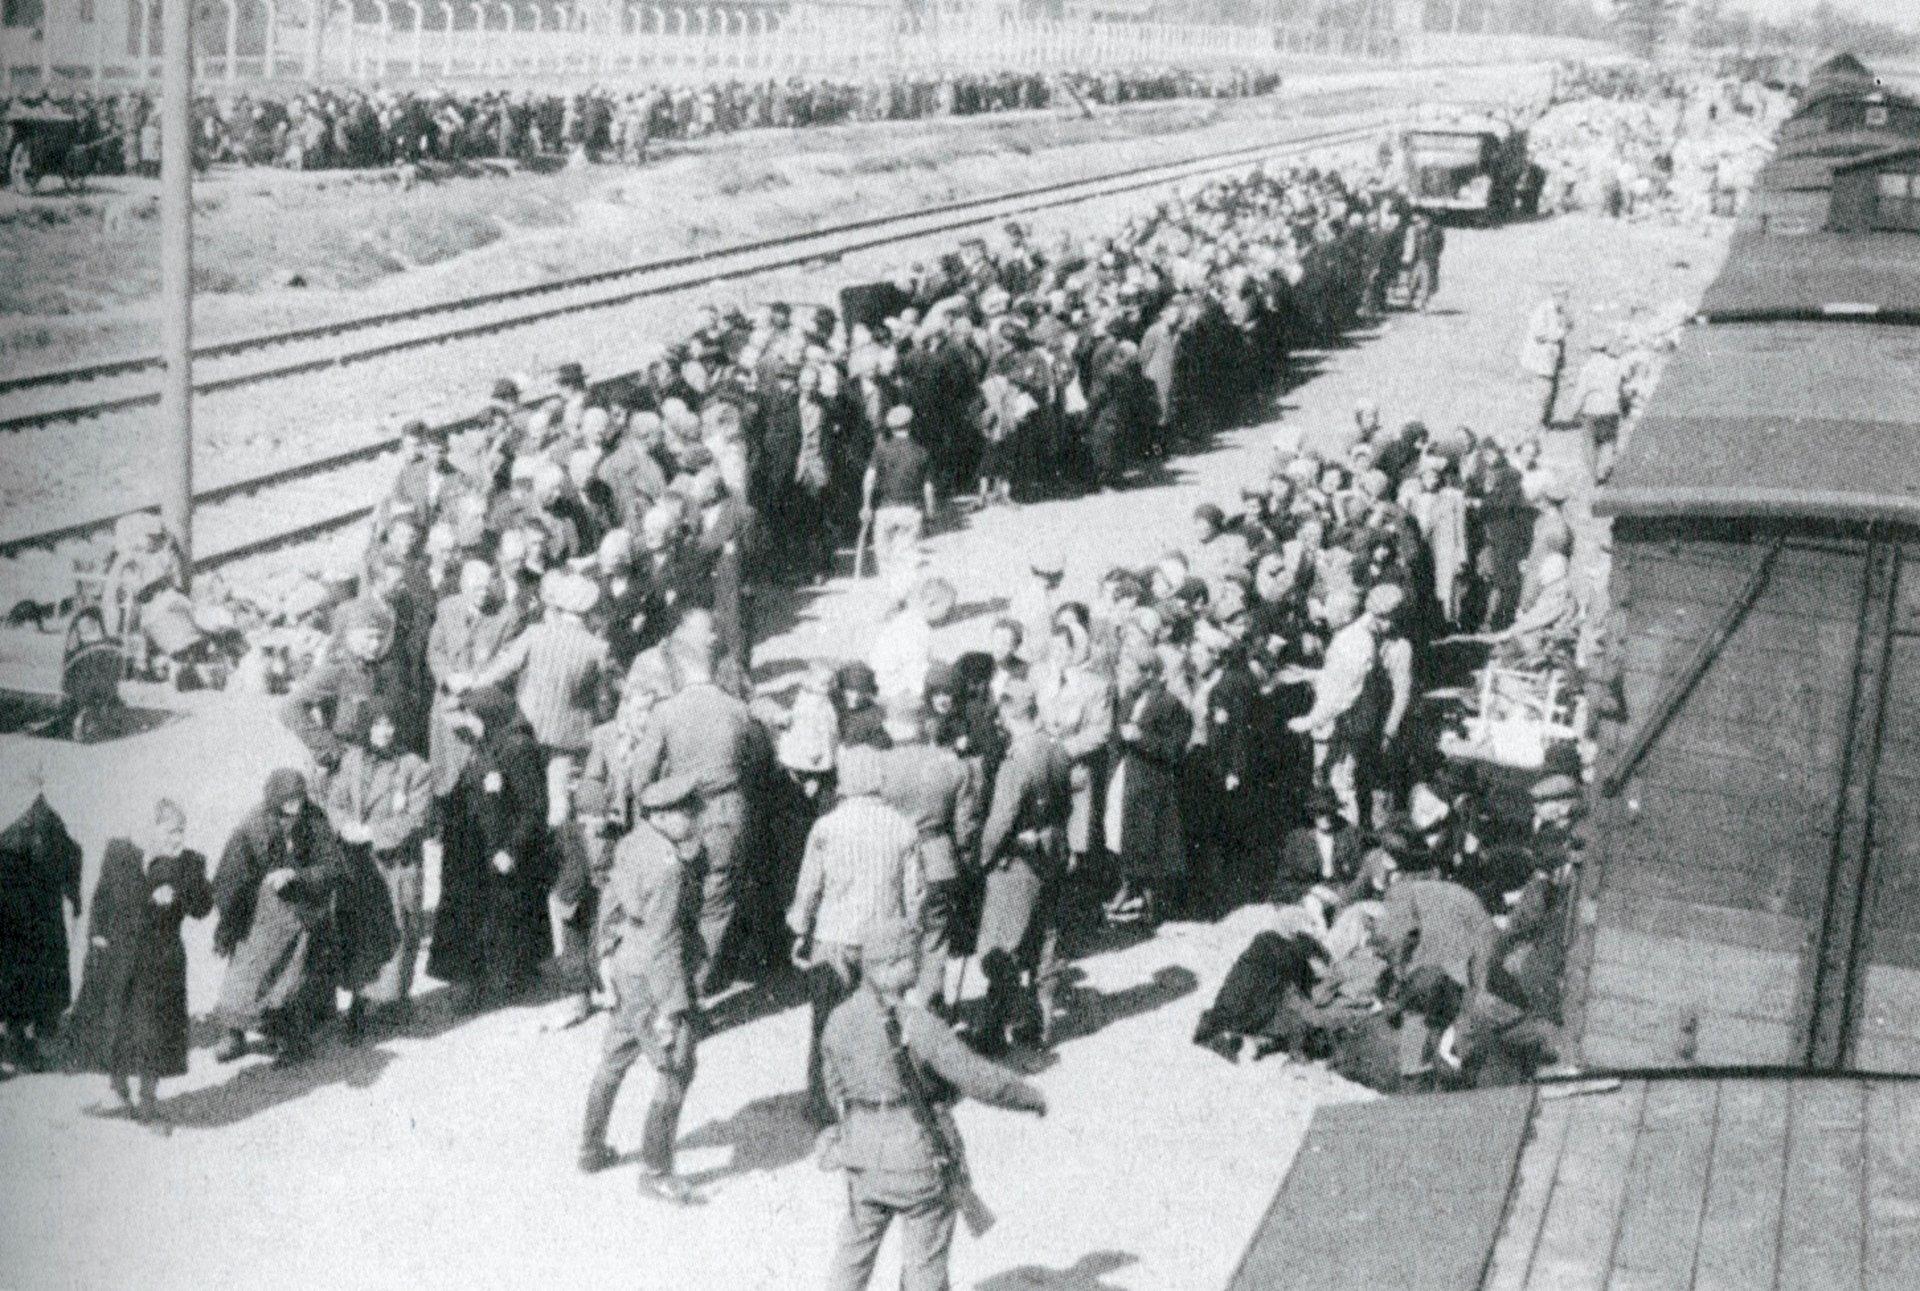 un médico de la SS (de uniforme en el centro) supervisa la selección de 3.500 judíos deportados de la Rutenia subcarpática a Auschwitz - Birkenau en mayo de 1944. A los que han sido elegidos para el exterminio inmediato (al fondo) los conducen a las instalaciones crematorias.